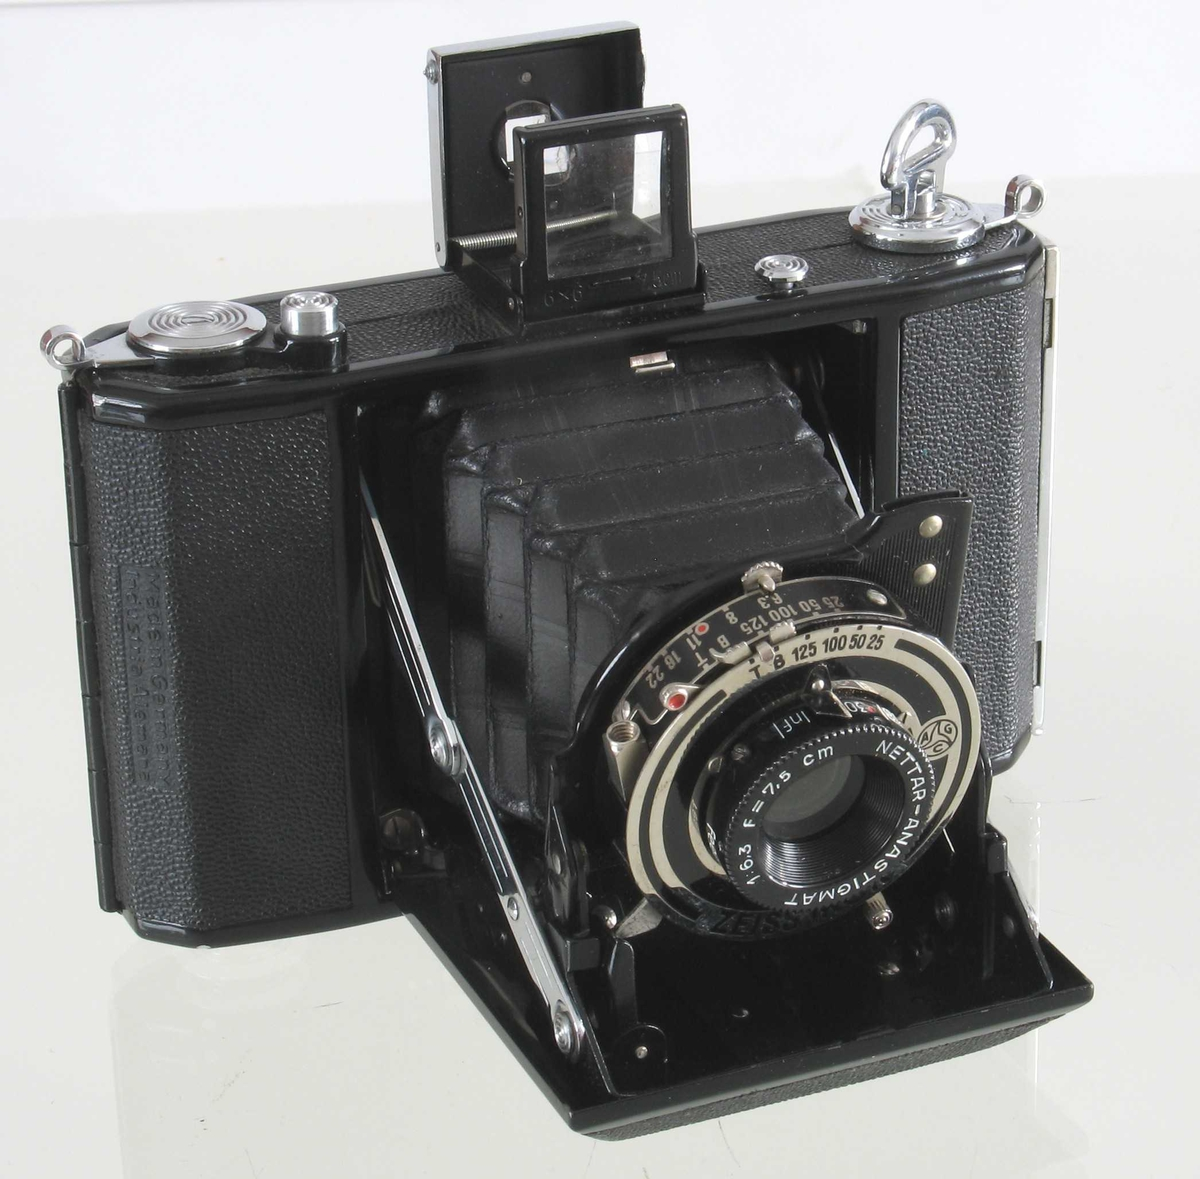 """Fotoapparat i etui  """"Telma"""", Zeiss Ikon Datering: 1930-årene a)Apparat, sort  bakelitt,  forkrommete ståldeler/skruer  H. med sikte 8,5 L.13,5 Dybde 4,3  Smal rektangulær hovedform med avfasede hjørner. Foldeapparat, linsen merket  Zeiss Ikon Telma.  Nettar, Anastigmat. 1:6,3 F = 7,5cm. Innvendig etikett:  Zeiss Ikon Film, med filmeske i farger. b) Skinnpose, sort, med glidelås i den ene kortende. L.ca.20 B.Ca. 10,5"""